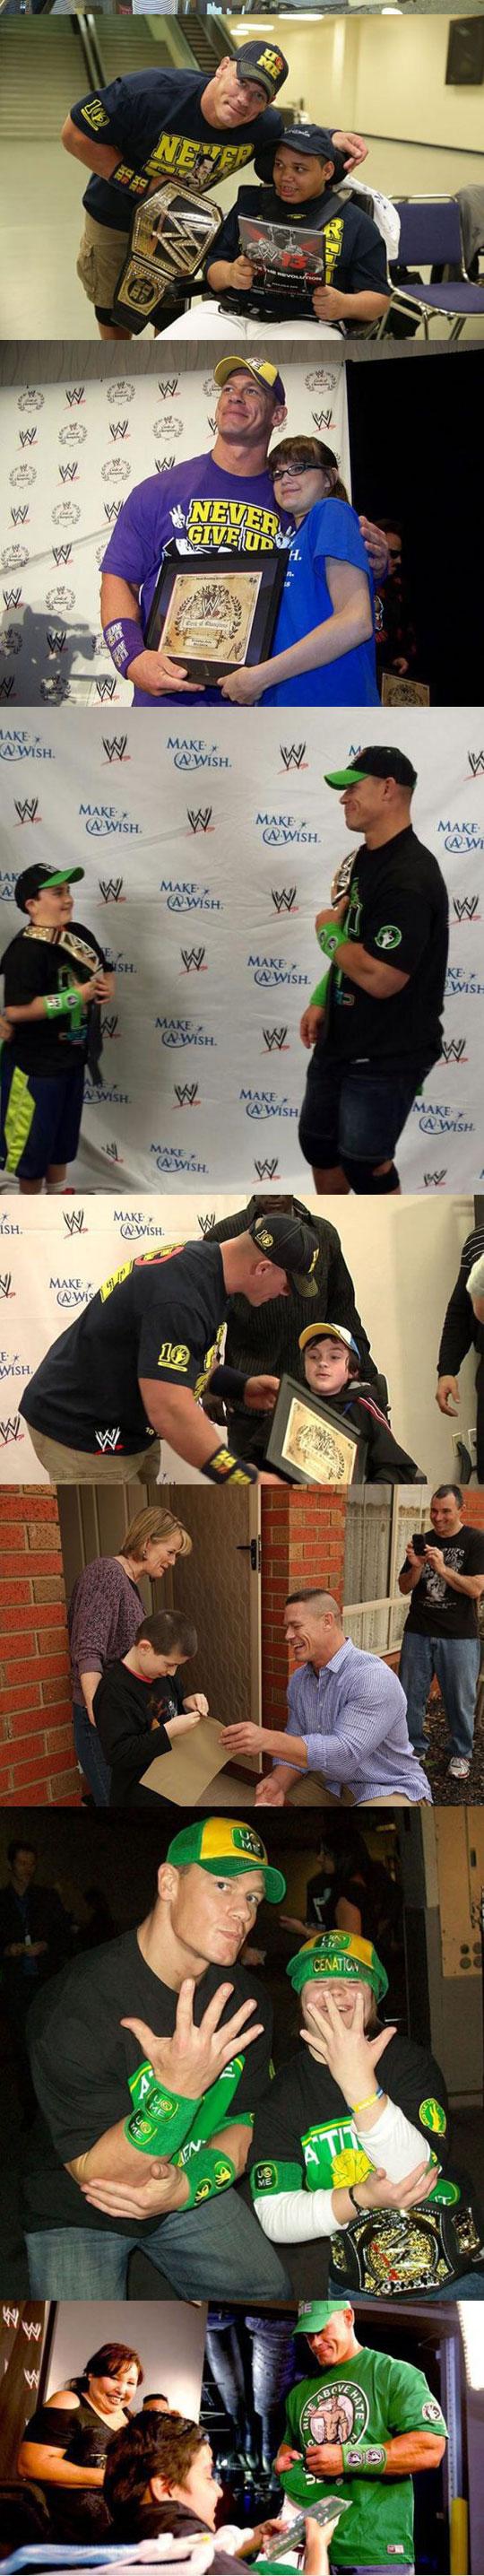 cool-John-Cena-Make-A-Wish-kids-show